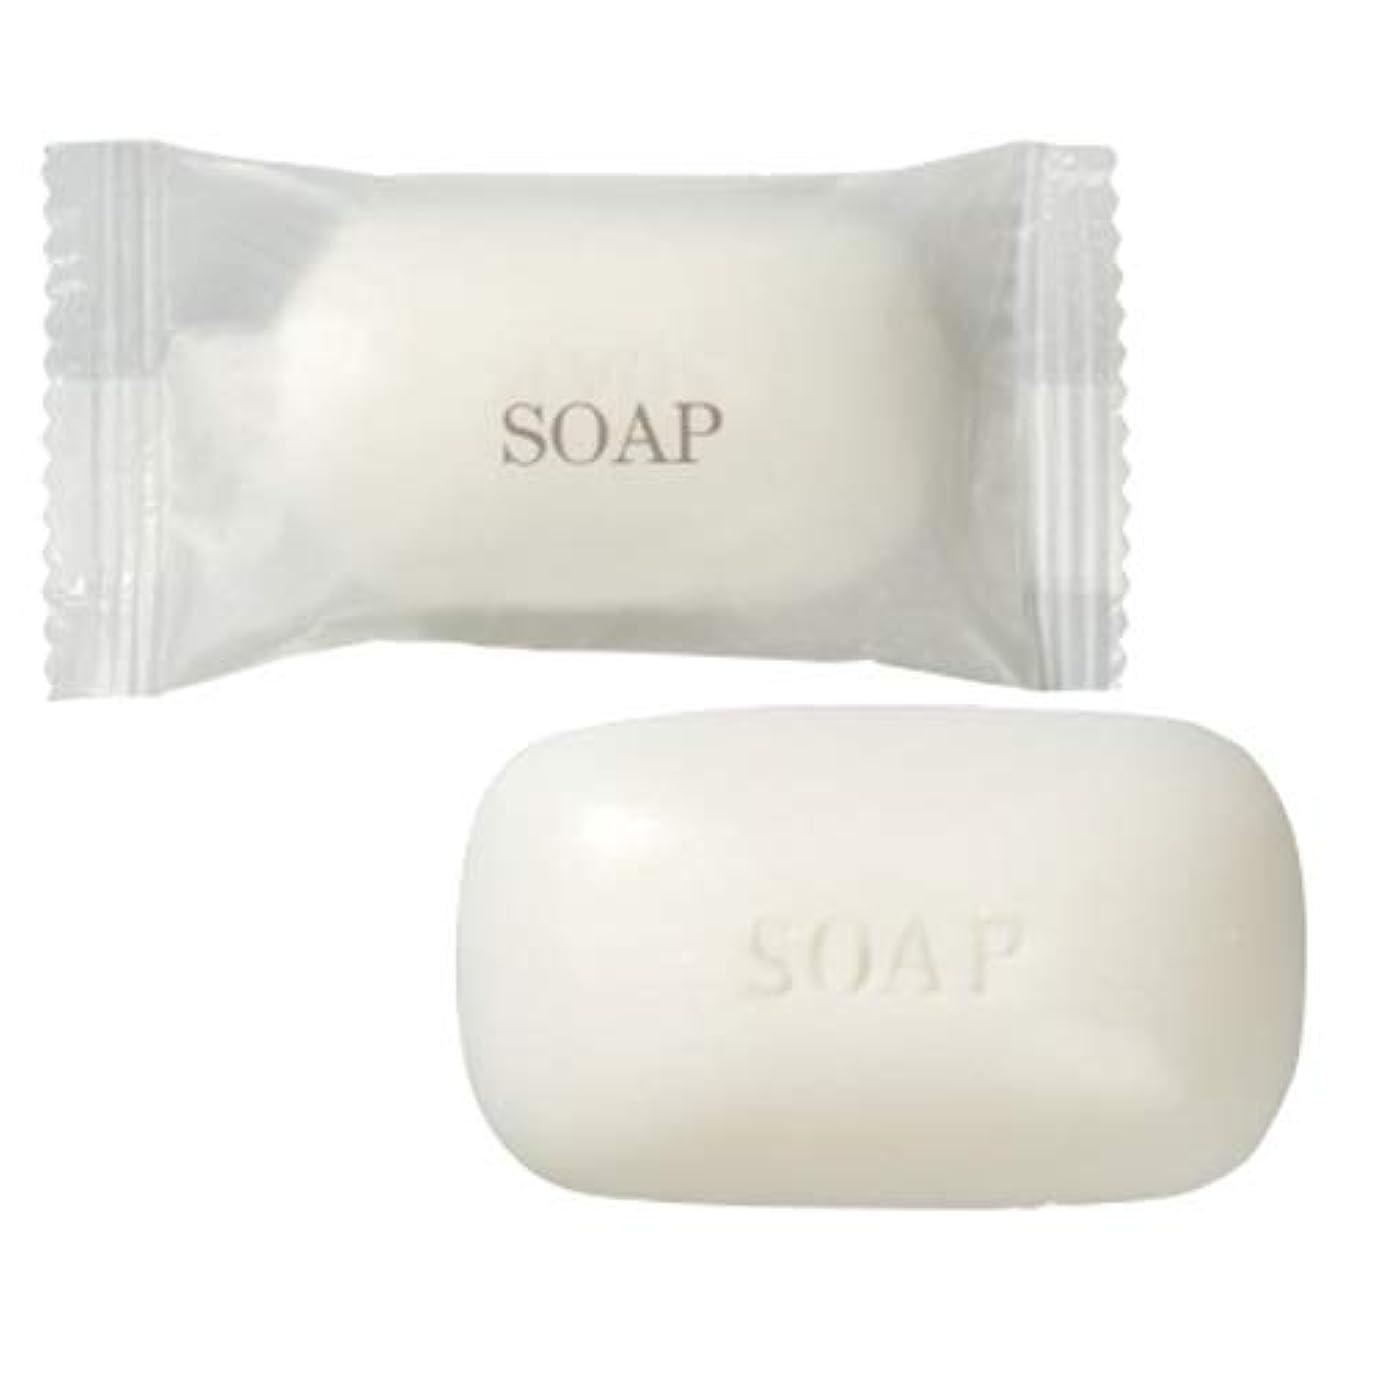 ナインへレタッチ承認する業務用 フィードソープ(FEED SOAP) マット袋(M袋) 15g ×100個 | ホテルアメニティ 個包装